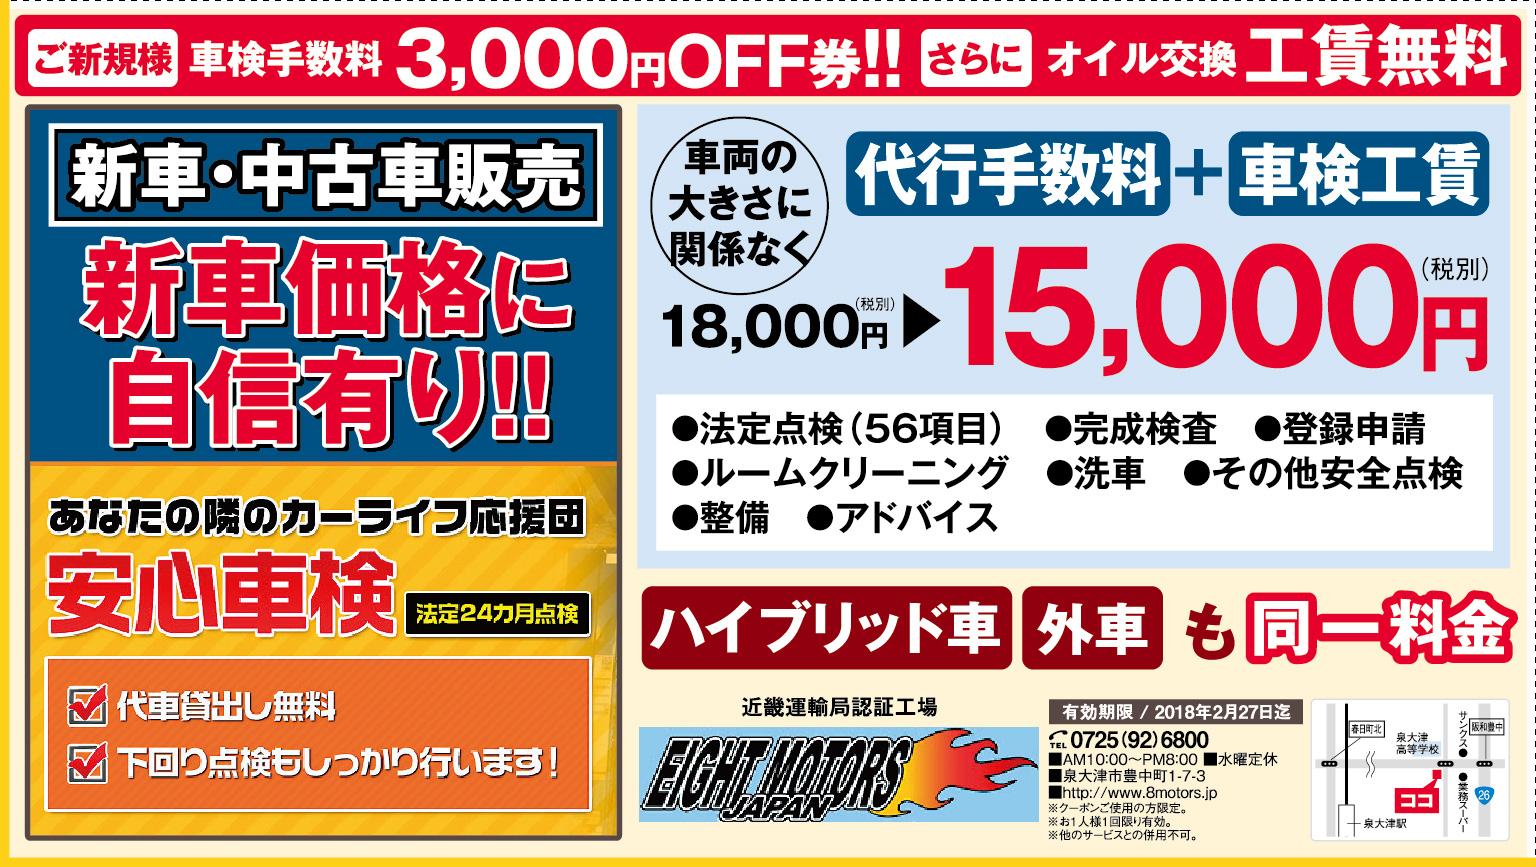 EIGHT MOTORS JAPAN(エイトモータースジャパン)